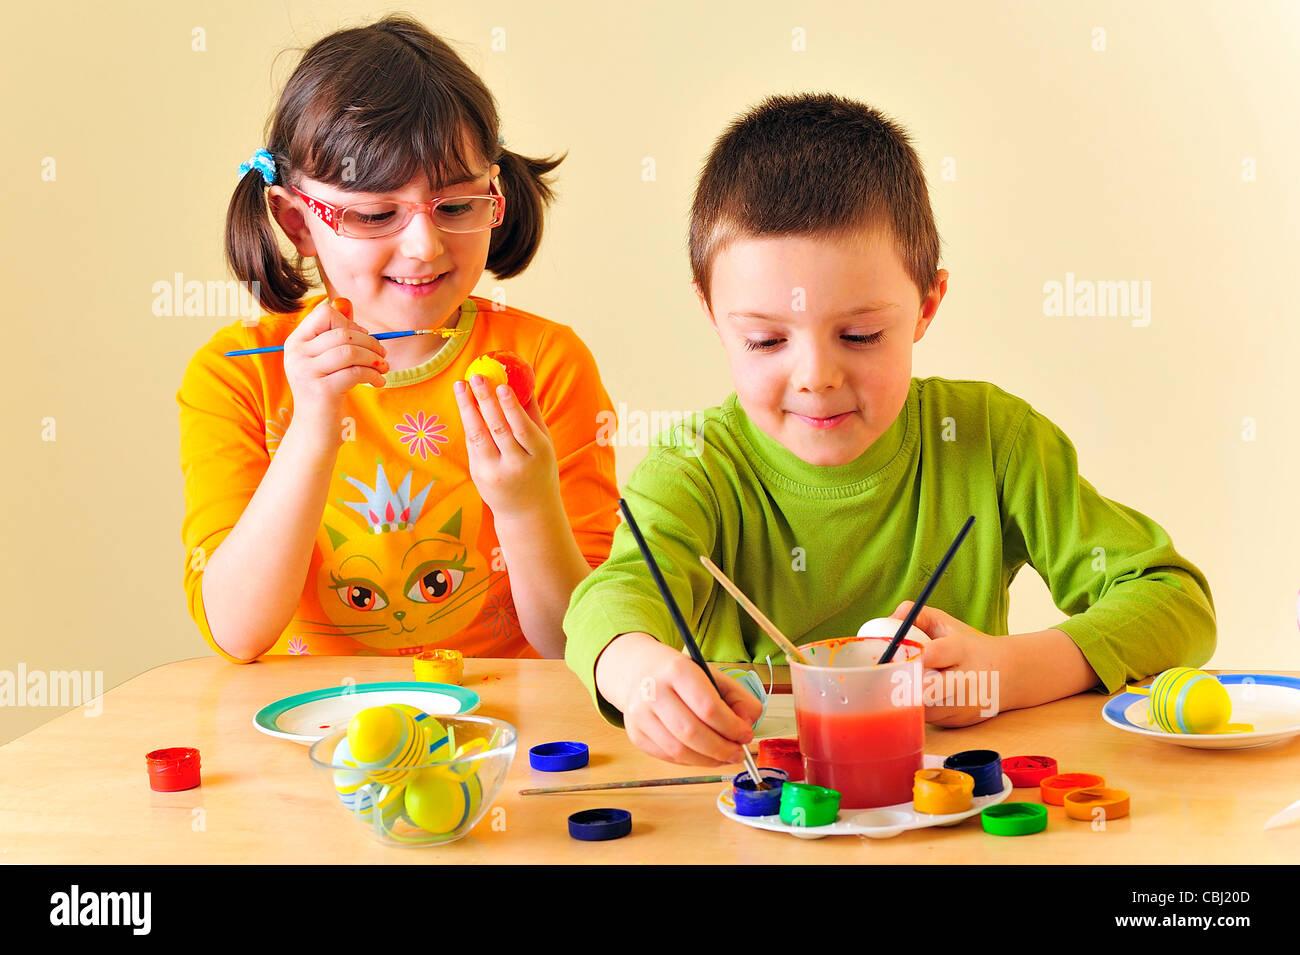 Los niños pintando huevos Foto & Imagen De Stock: 41578669 - Alamy